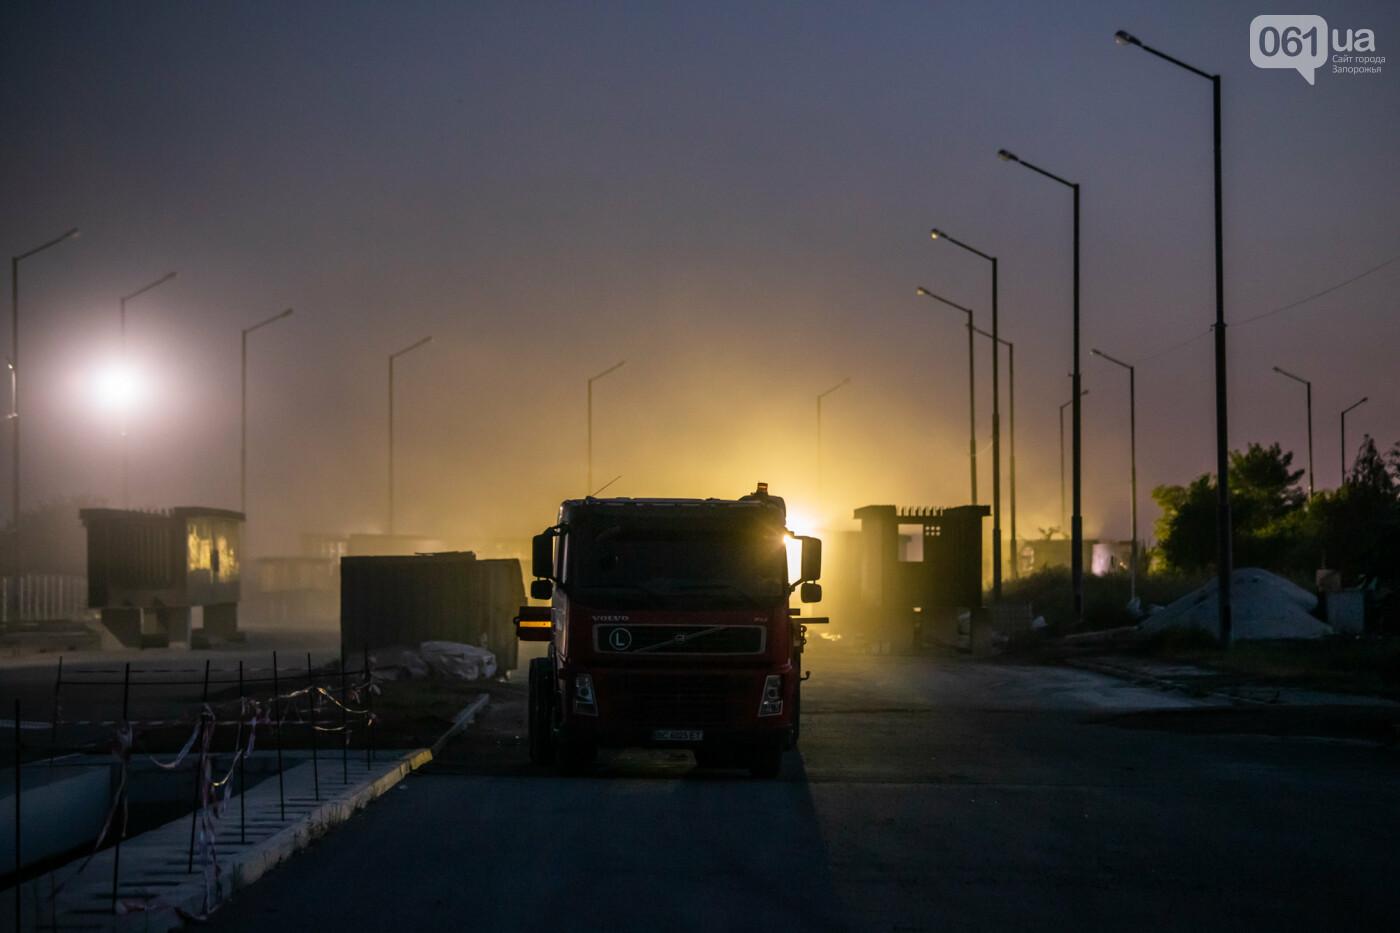 В Запорожье собирают балочный мост через Старый Днепр – строители работают даже ночью, - ФОТОРЕПОРТАЖ , фото-30